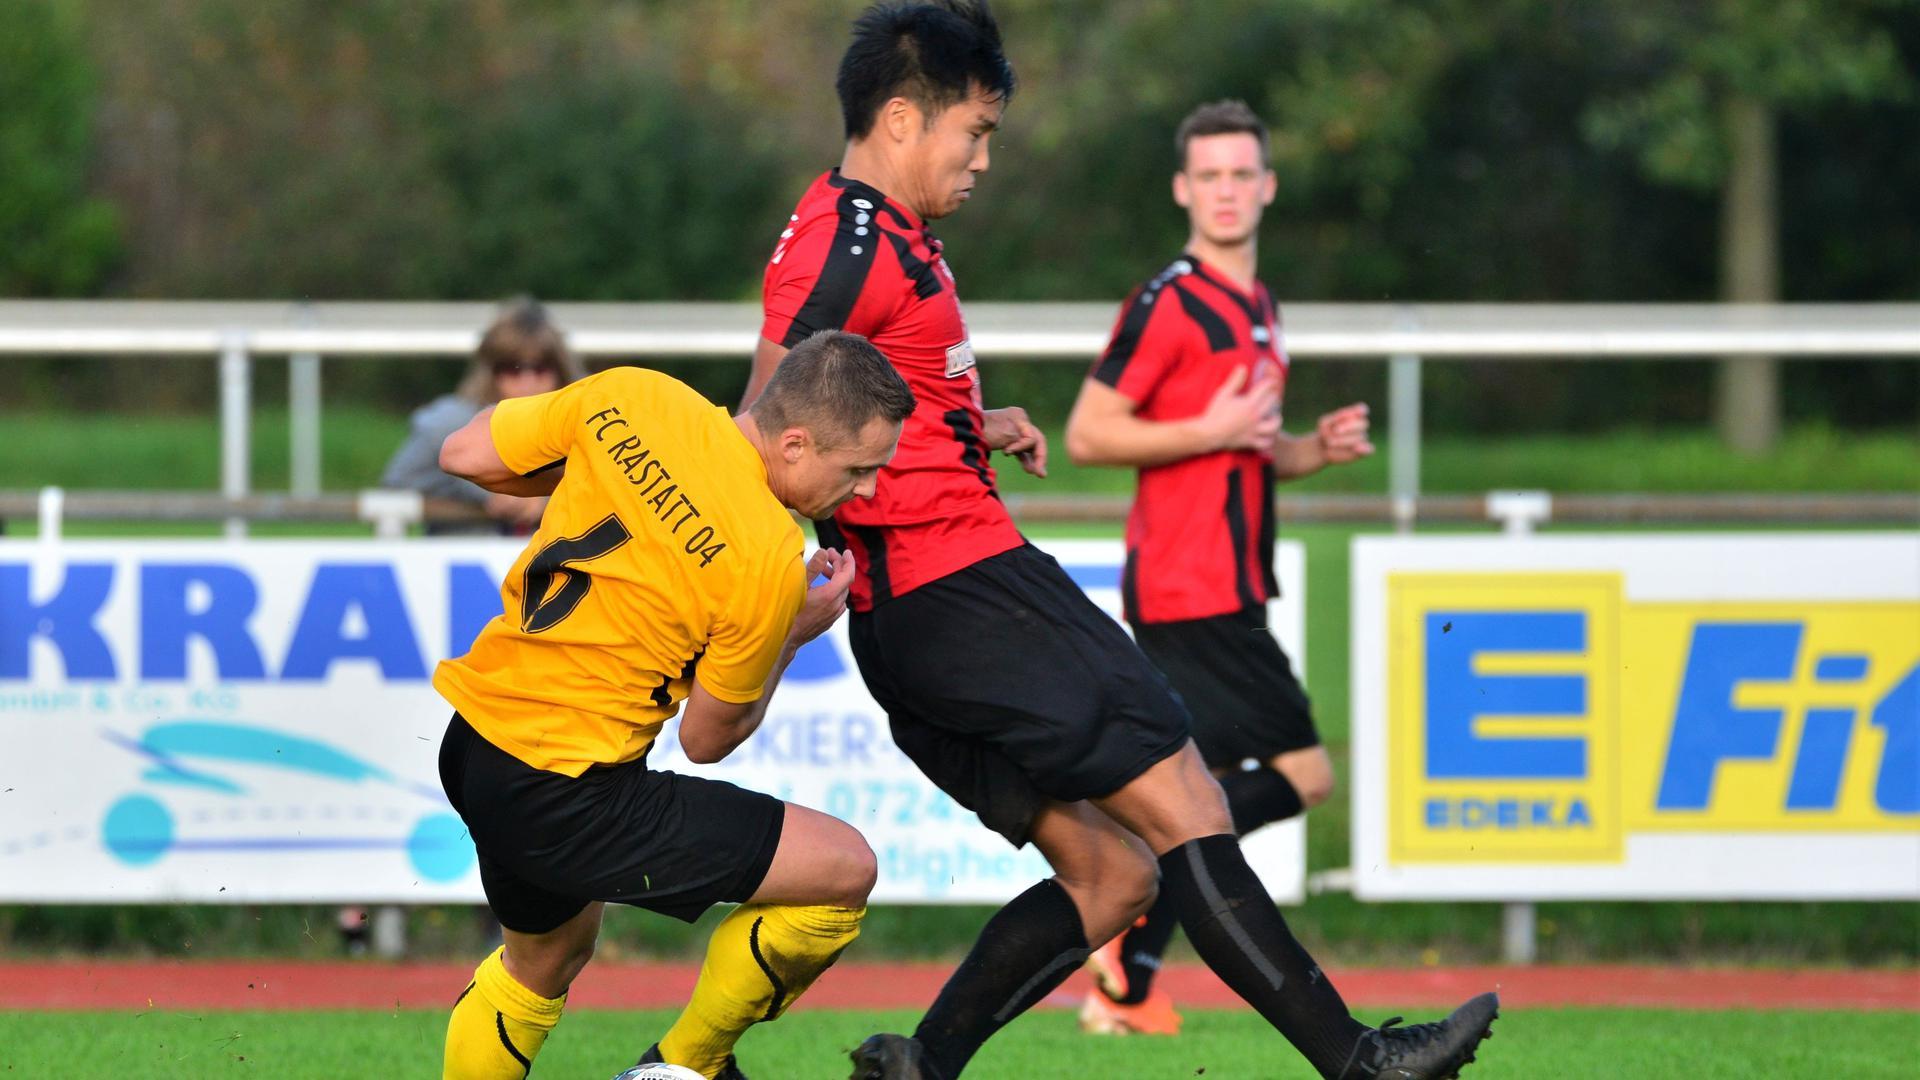 Spielertrainer unter sich: Der Bietigheimer Hinh Ung (rechts) und Vitali Saponenko vom FC Rastatt 04 wollen mit ihren Mannschaften in der oberen Tabellenhälfte mitspielen.